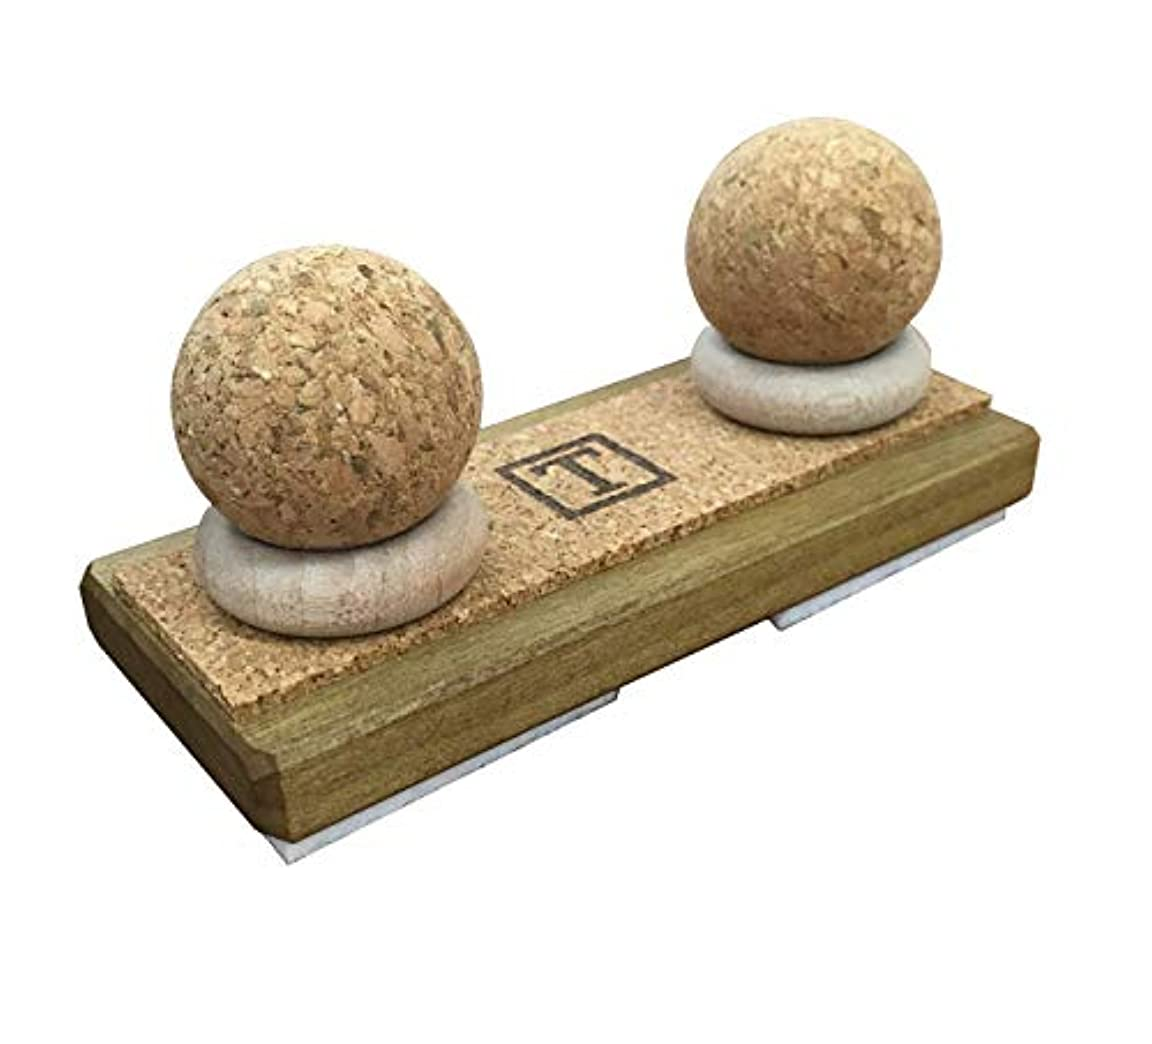 ポンペイ反逆手荷物『揉みの木シリーズ 腰プロストレッチ Low Type』つぼ押しマッサージ器 背中下部 腰 セルフメンテナンスを強力にサポート